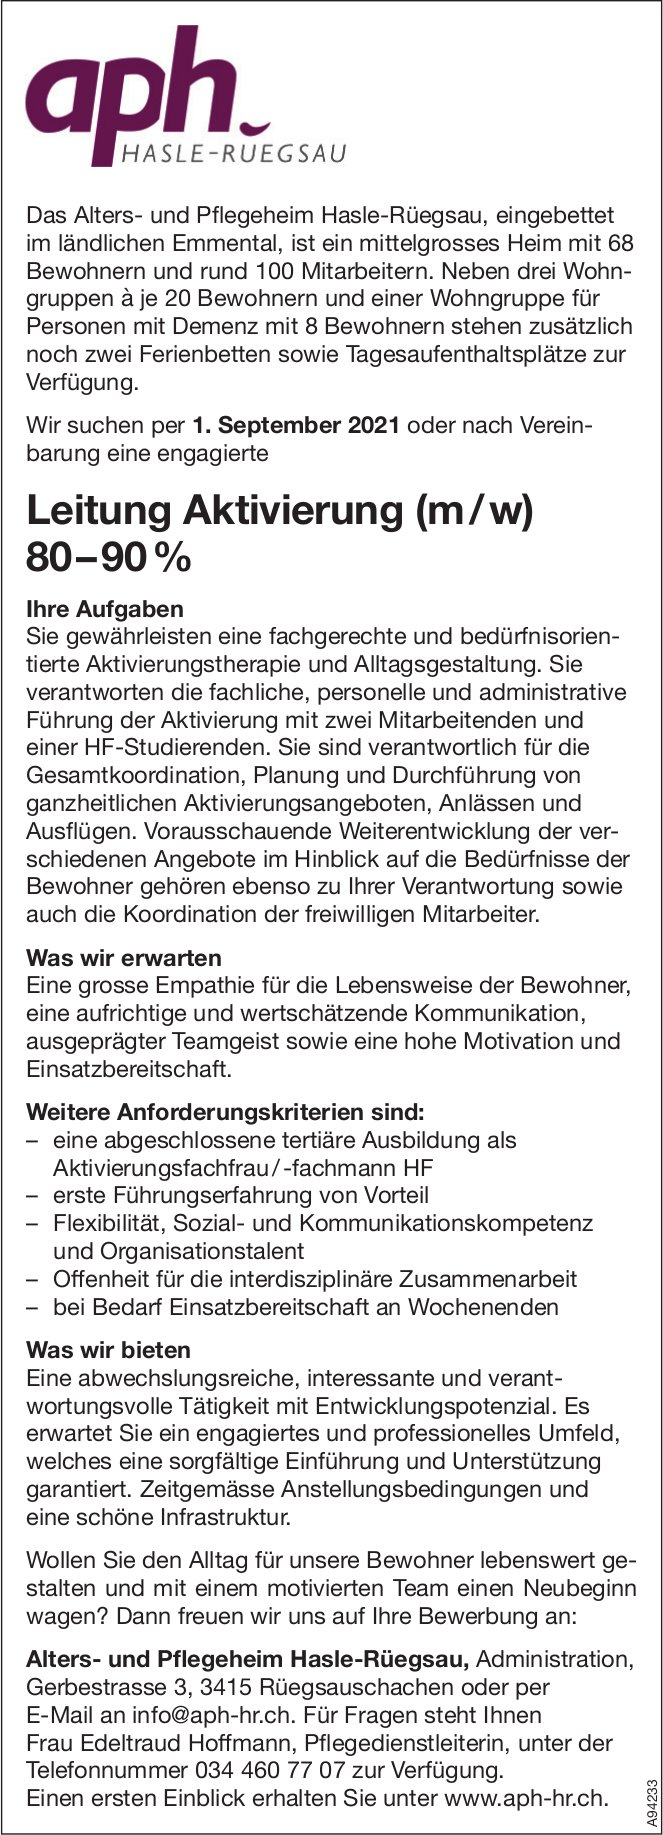 Leitung Aktivierung (m / w) 80 – 90%, Alters- und Pflegeheim Hasle-Rüegsau, Rüegsauschachen, gesucht